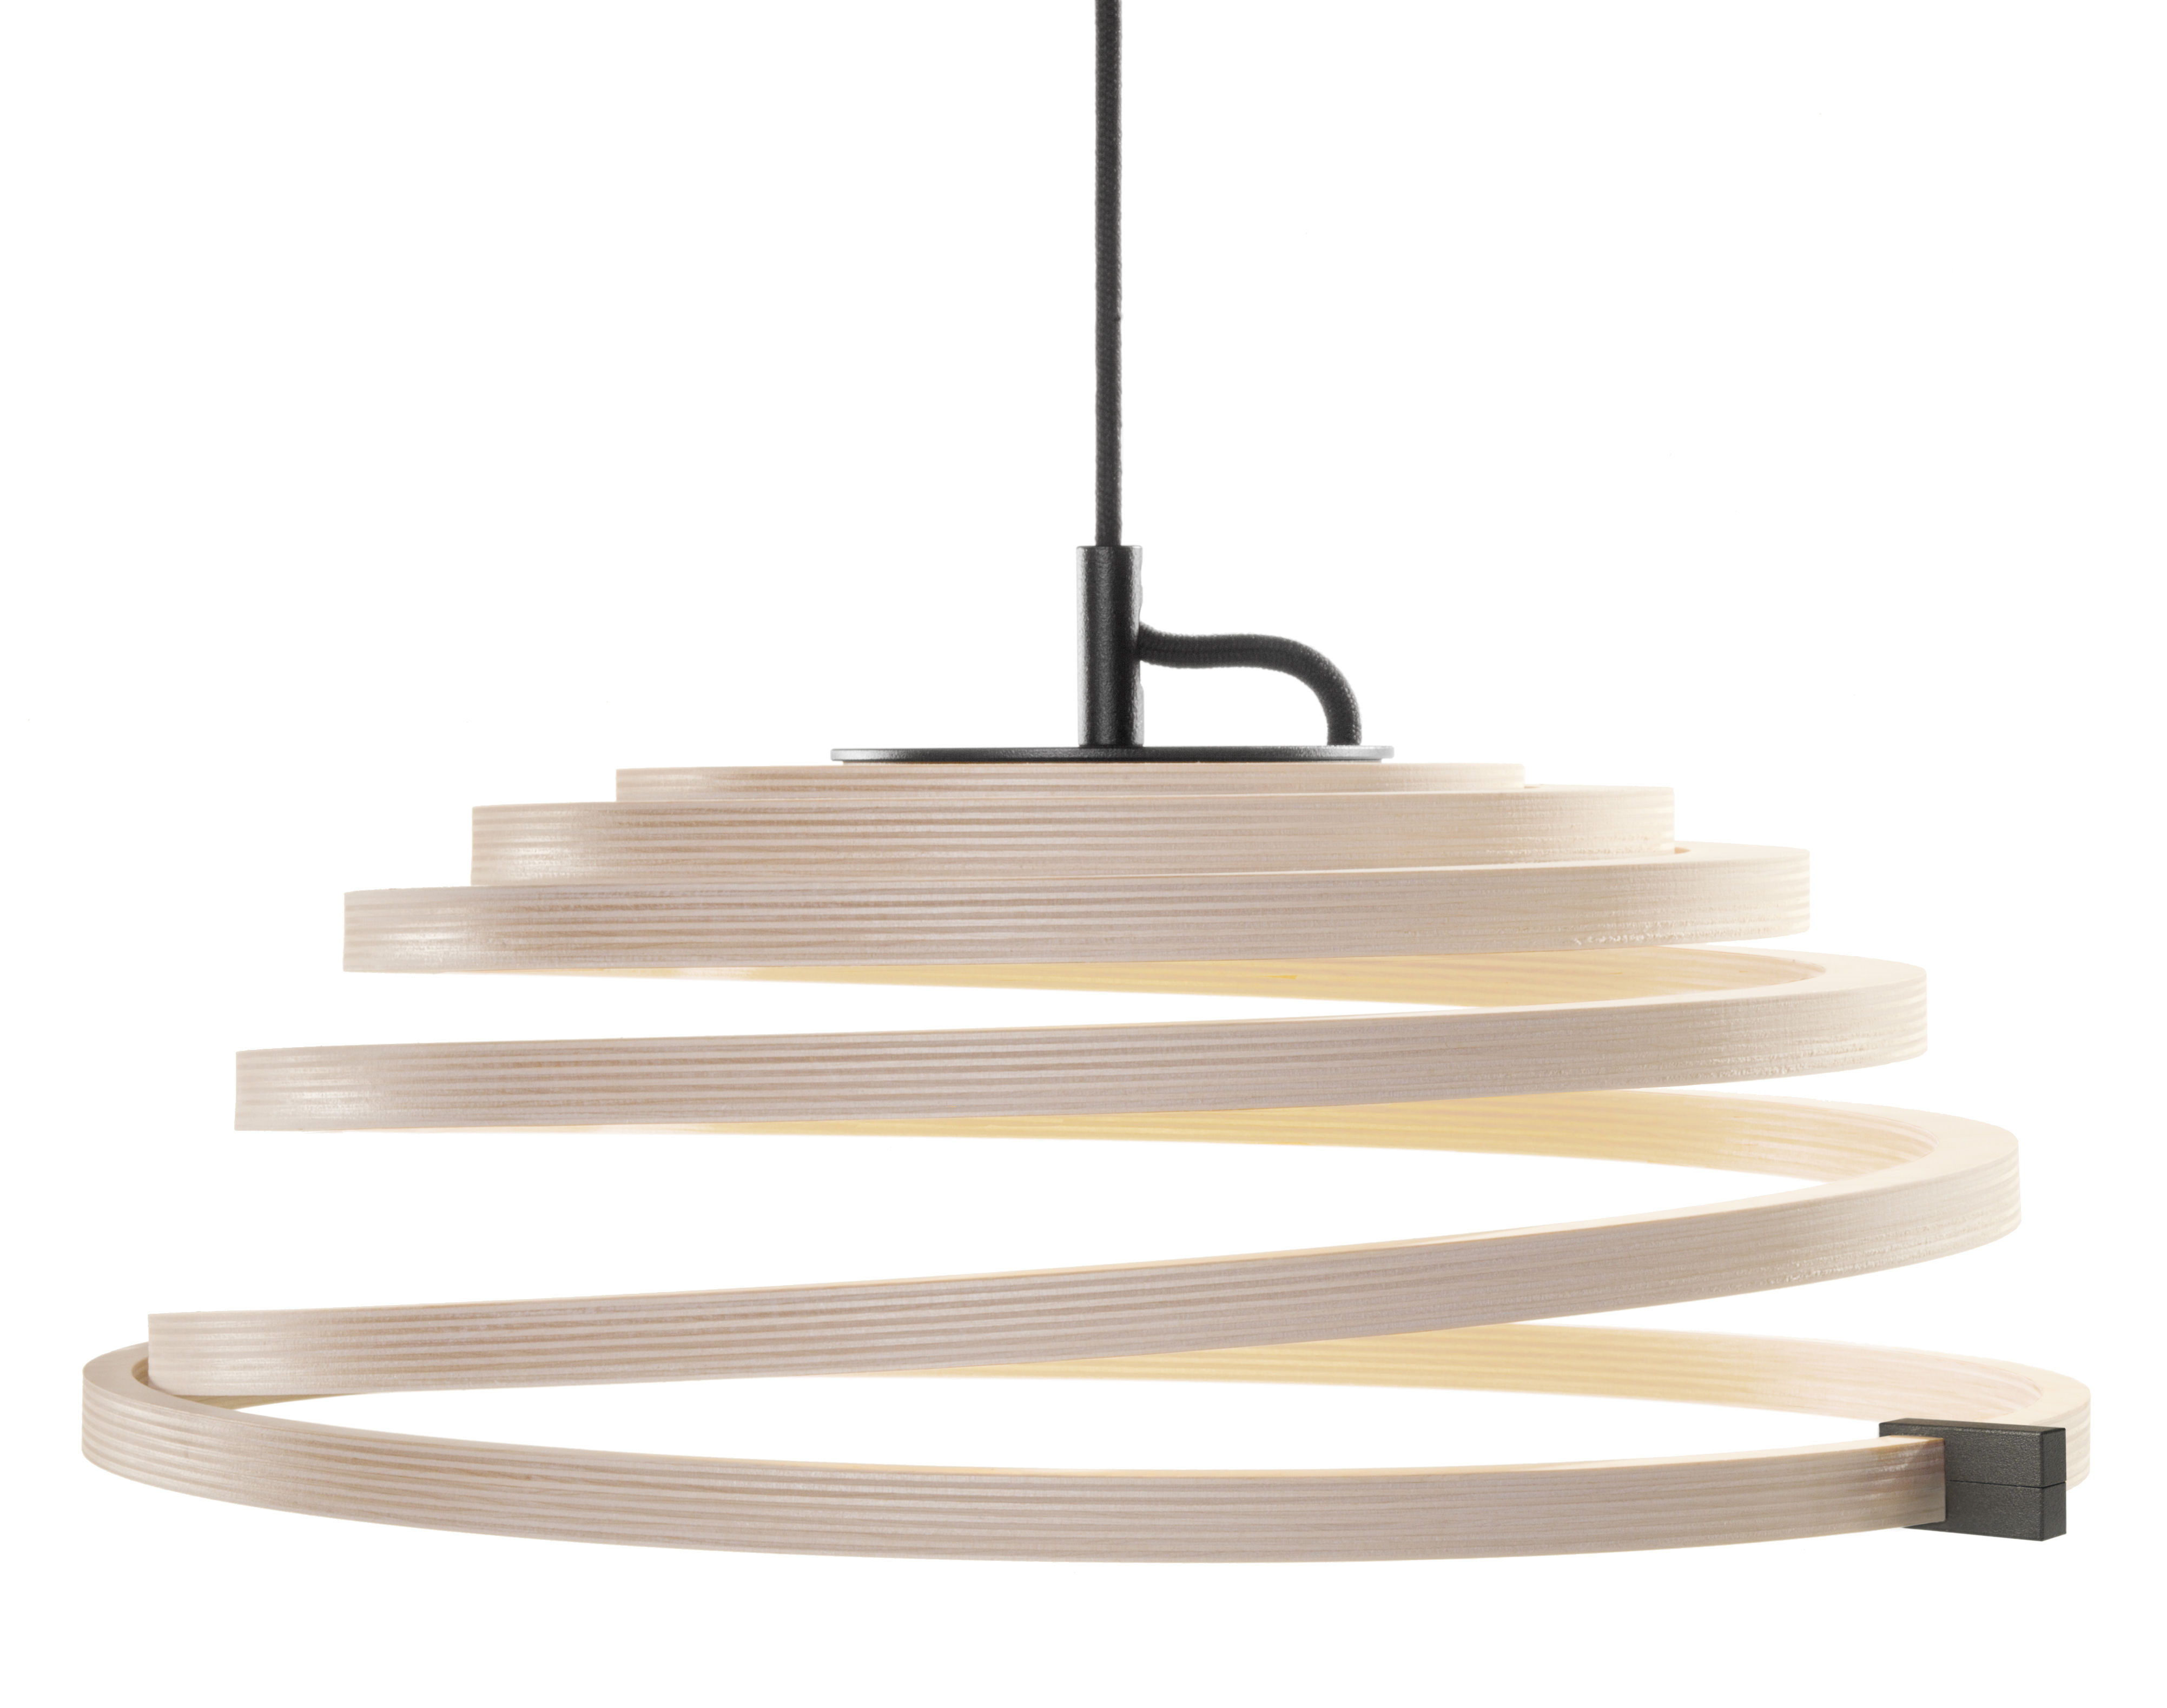 Luminaire - Suspensions - Suspension Aspiro LED / Ø 50 cm - Secto Design - Bouleau naturel / Câble noir - Bouleau massif, Textile